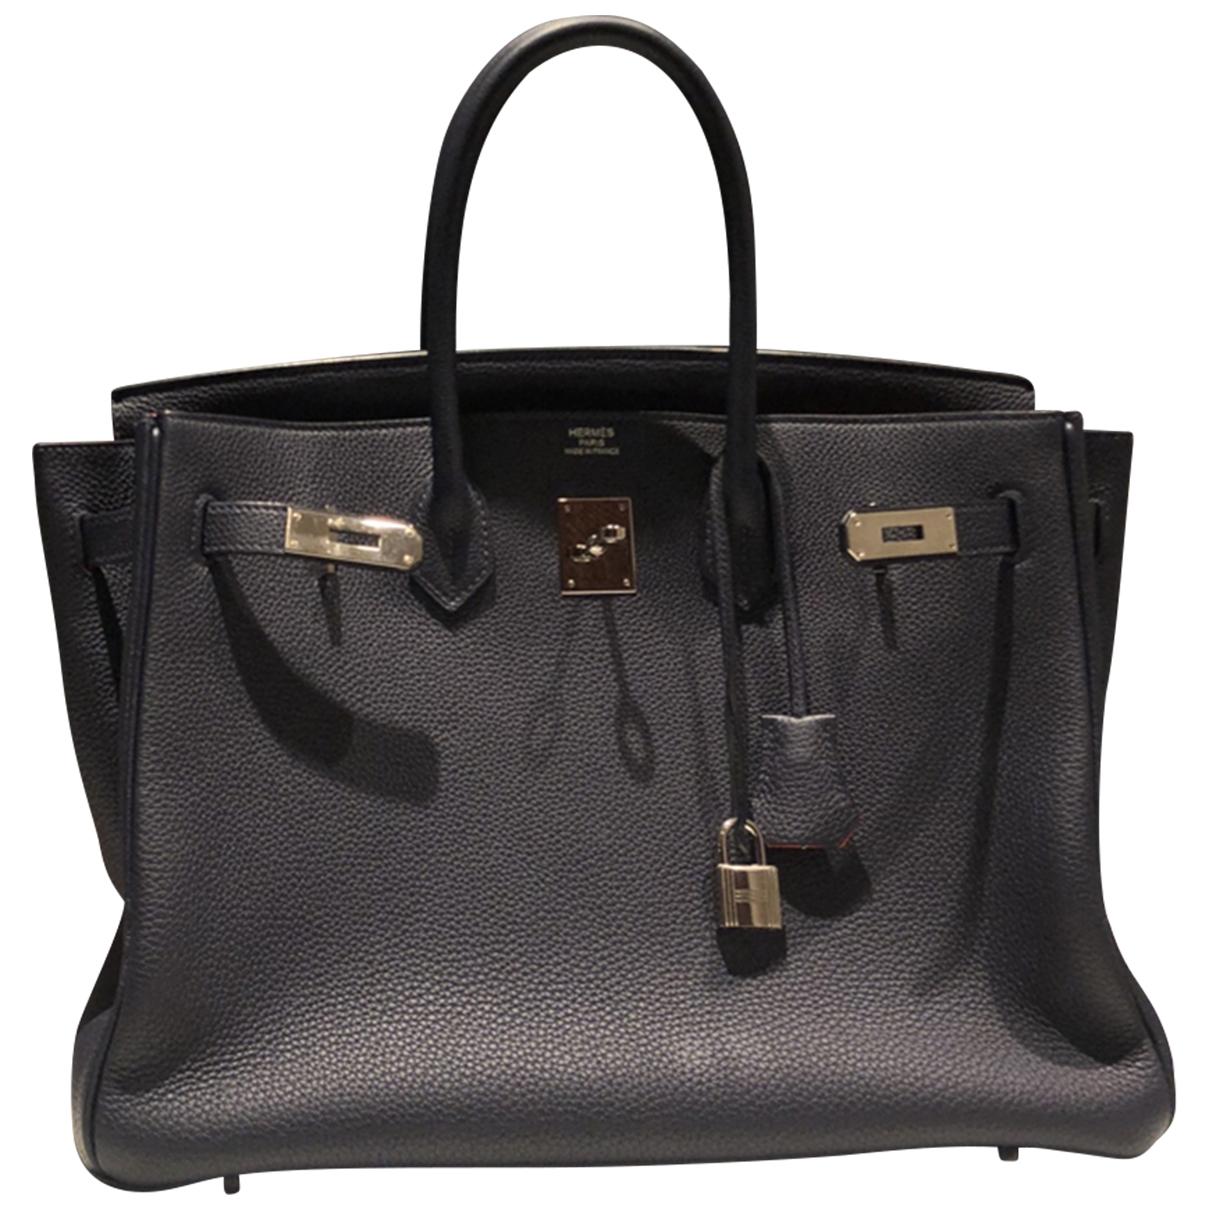 Hermes Birkin 35 Handtasche in  Bunt Leder